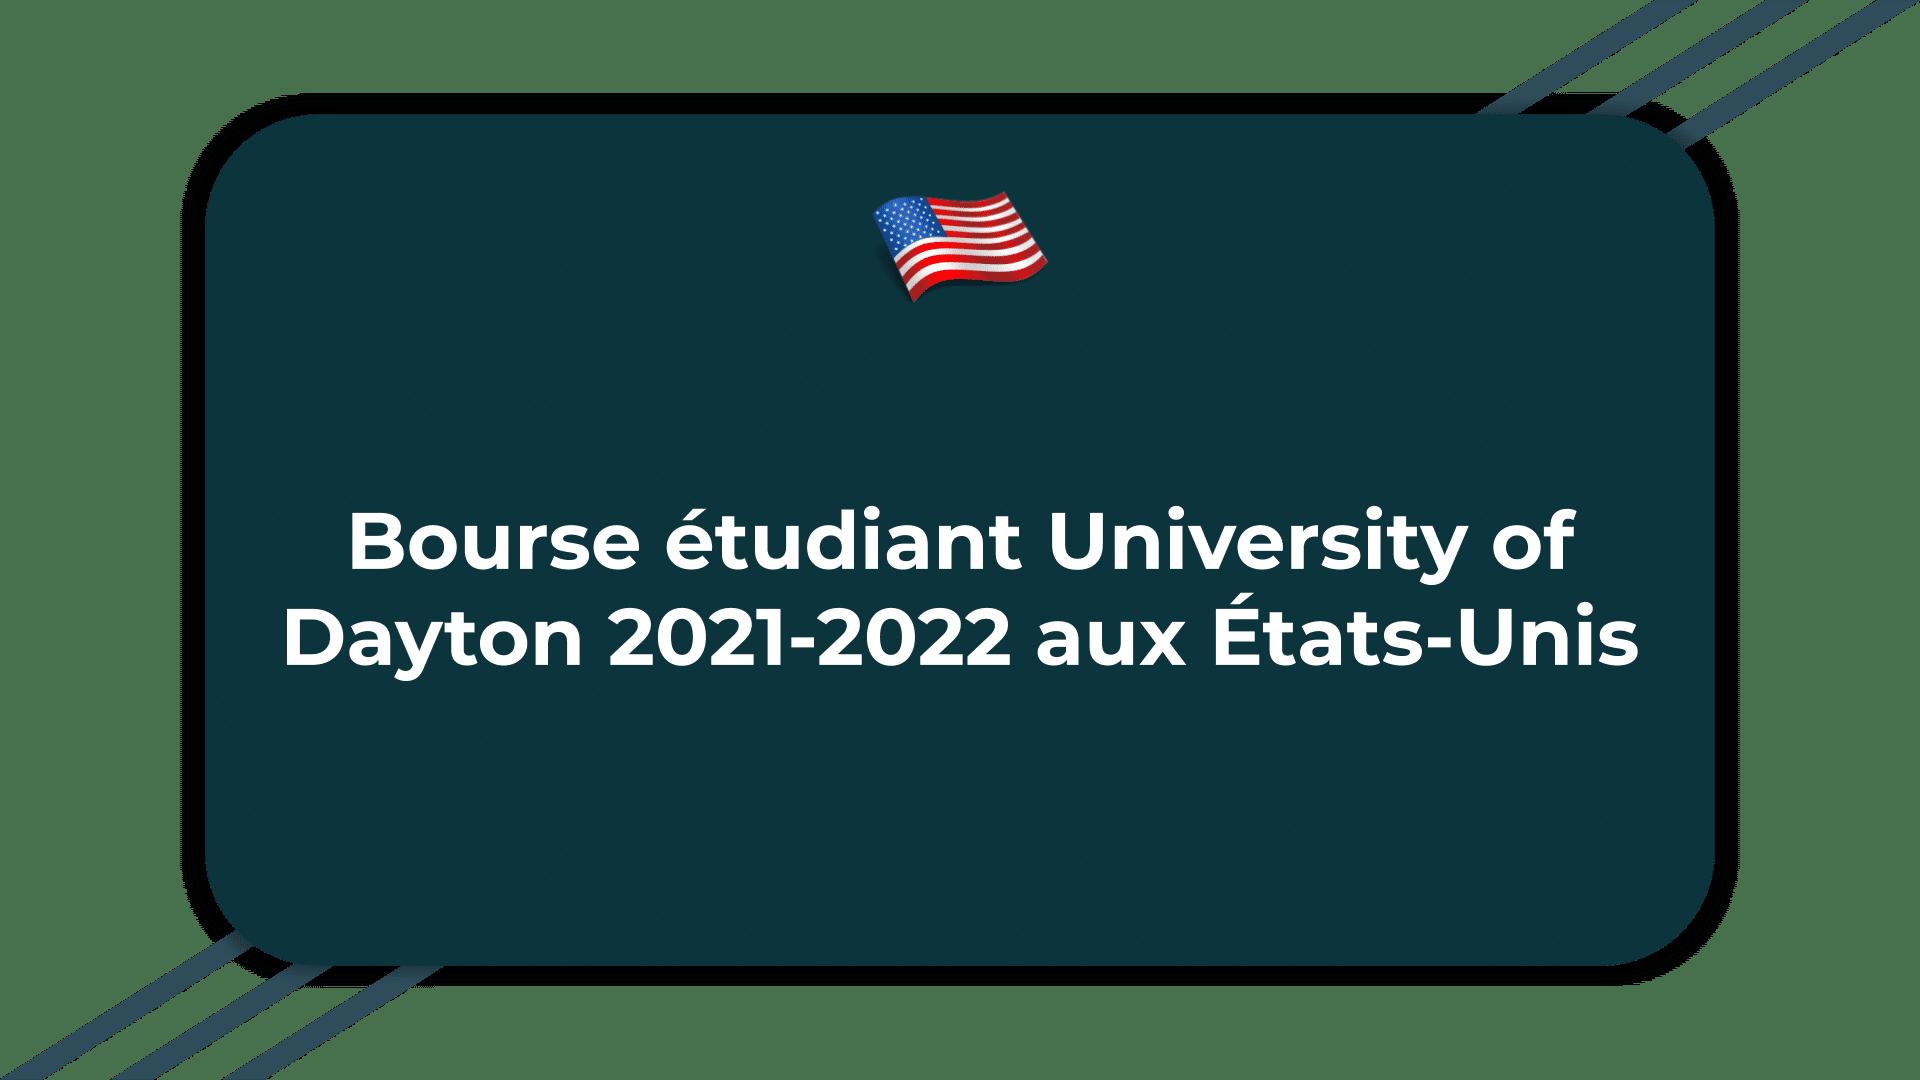 Bourse étudiant University of Dayton